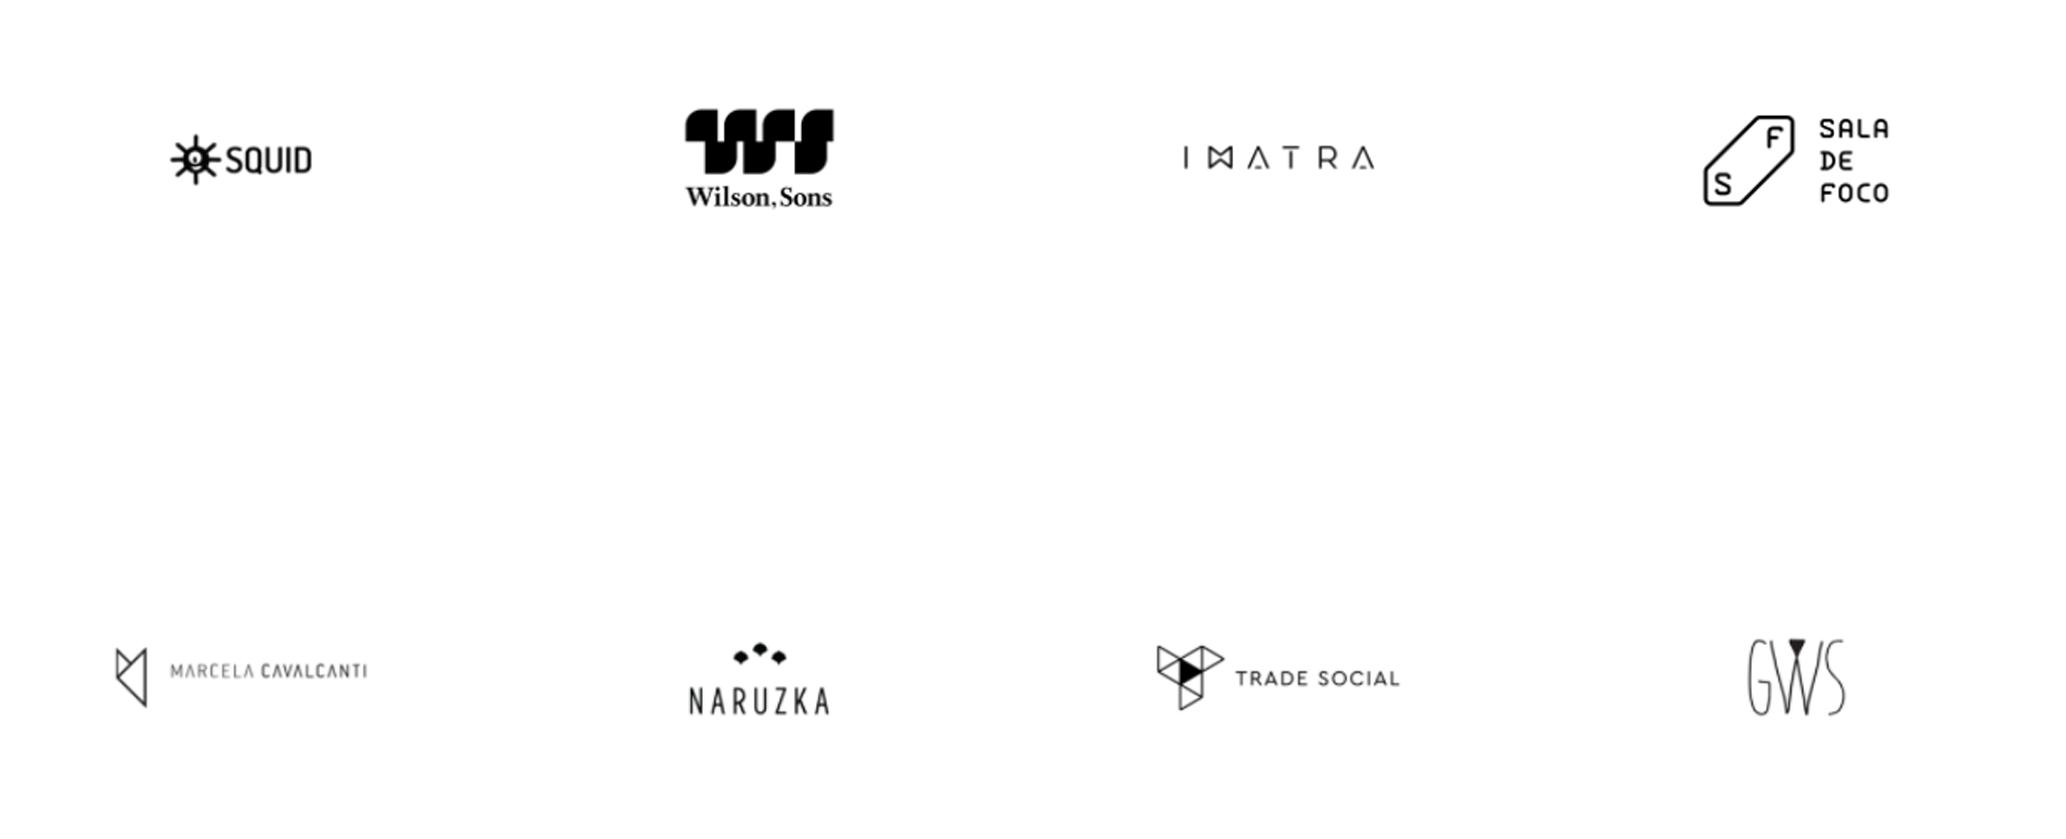 logos-clientes4-1